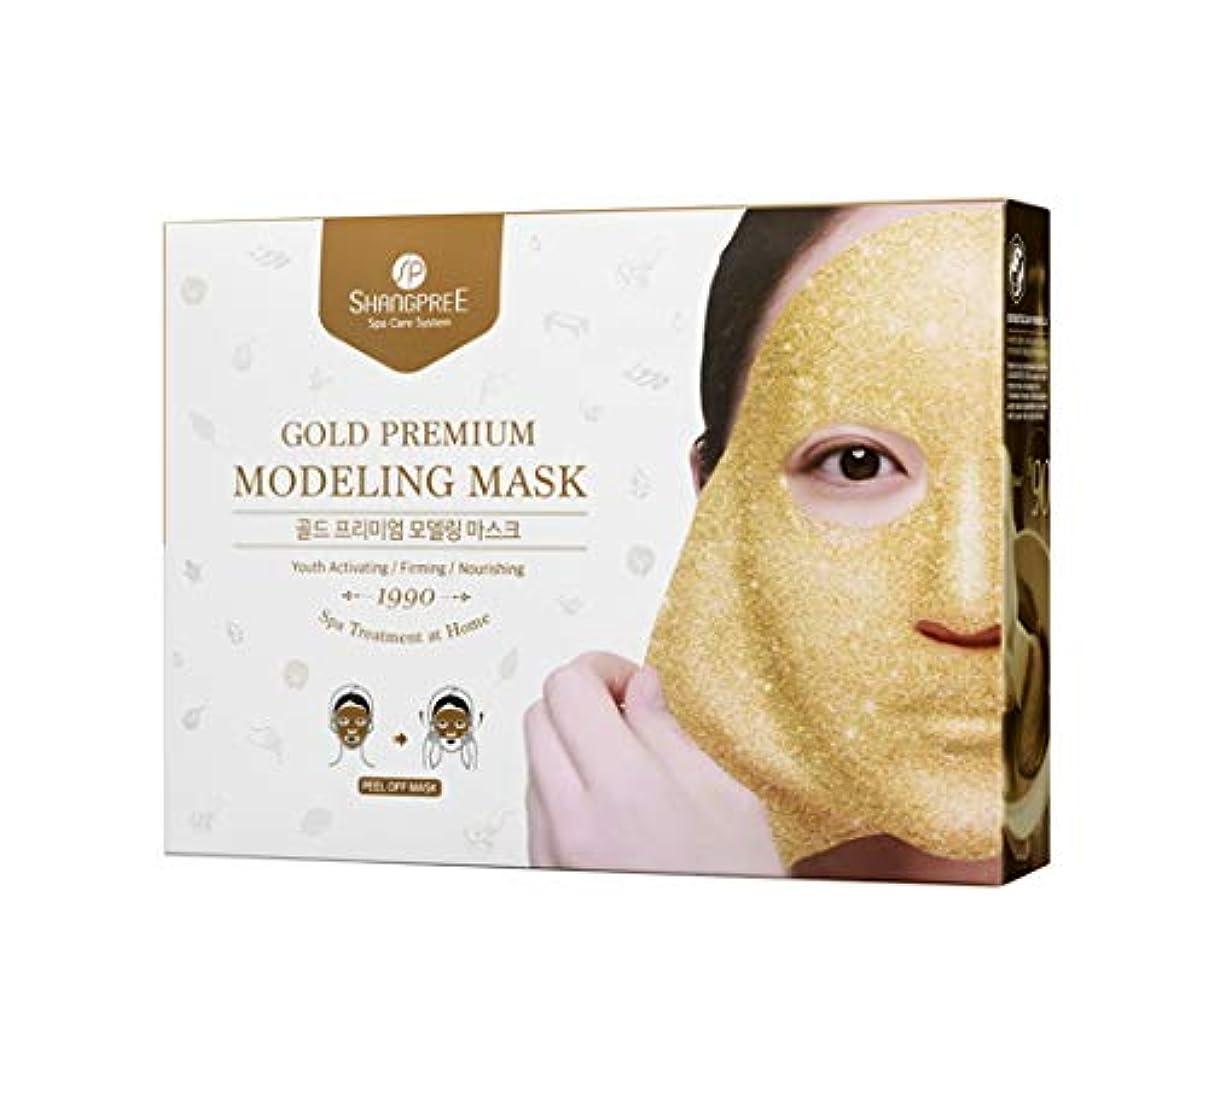 普通の赤面アイロニーShangpree プレミアムゴールドモデリングマスク 5枚 gold premium modeling mask 5ea (並行輸入品)